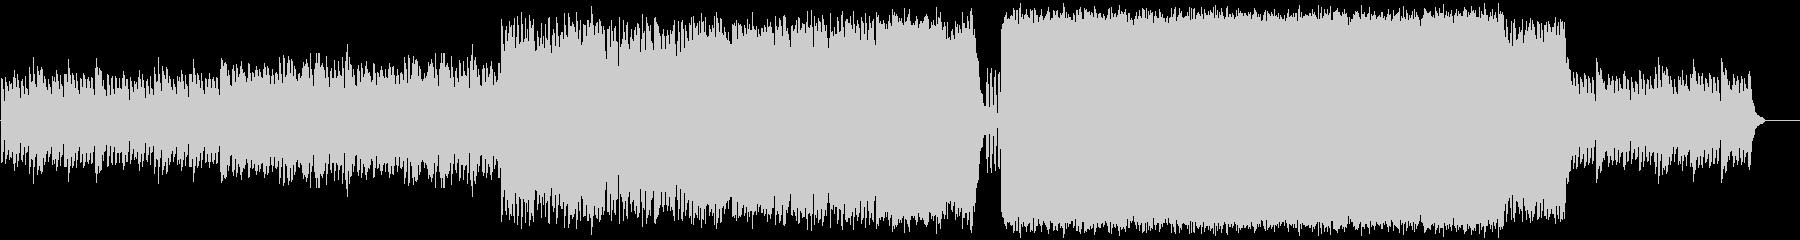 ゴシックっぽい要素を含んだスローロック曲の未再生の波形